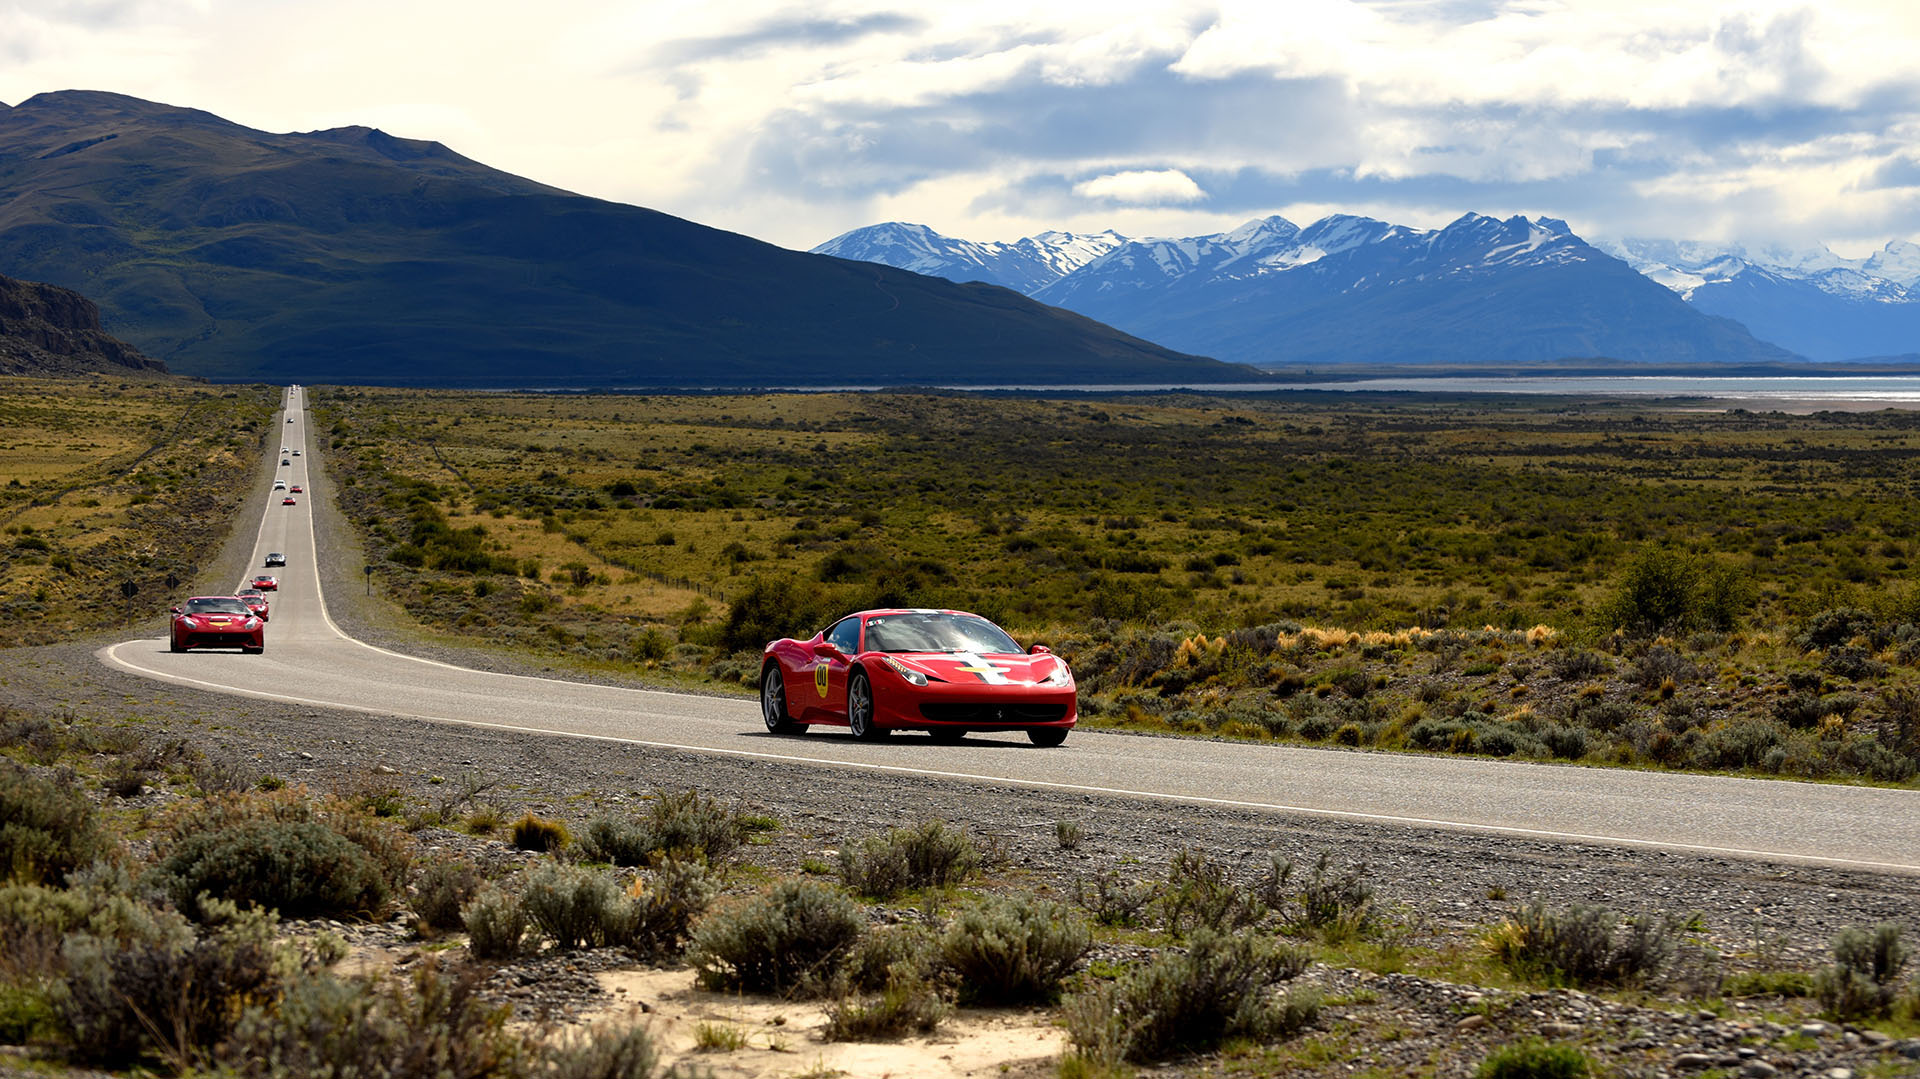 La fiebre Ferrari no conoce fronteras. La marca de culto tiene su nicho de seguidores, propietarios y admiradores en Sudamérica. En la zona más austral del planeta se celebró un nuevo encuentro de fanáticos del Cavallino Rampante